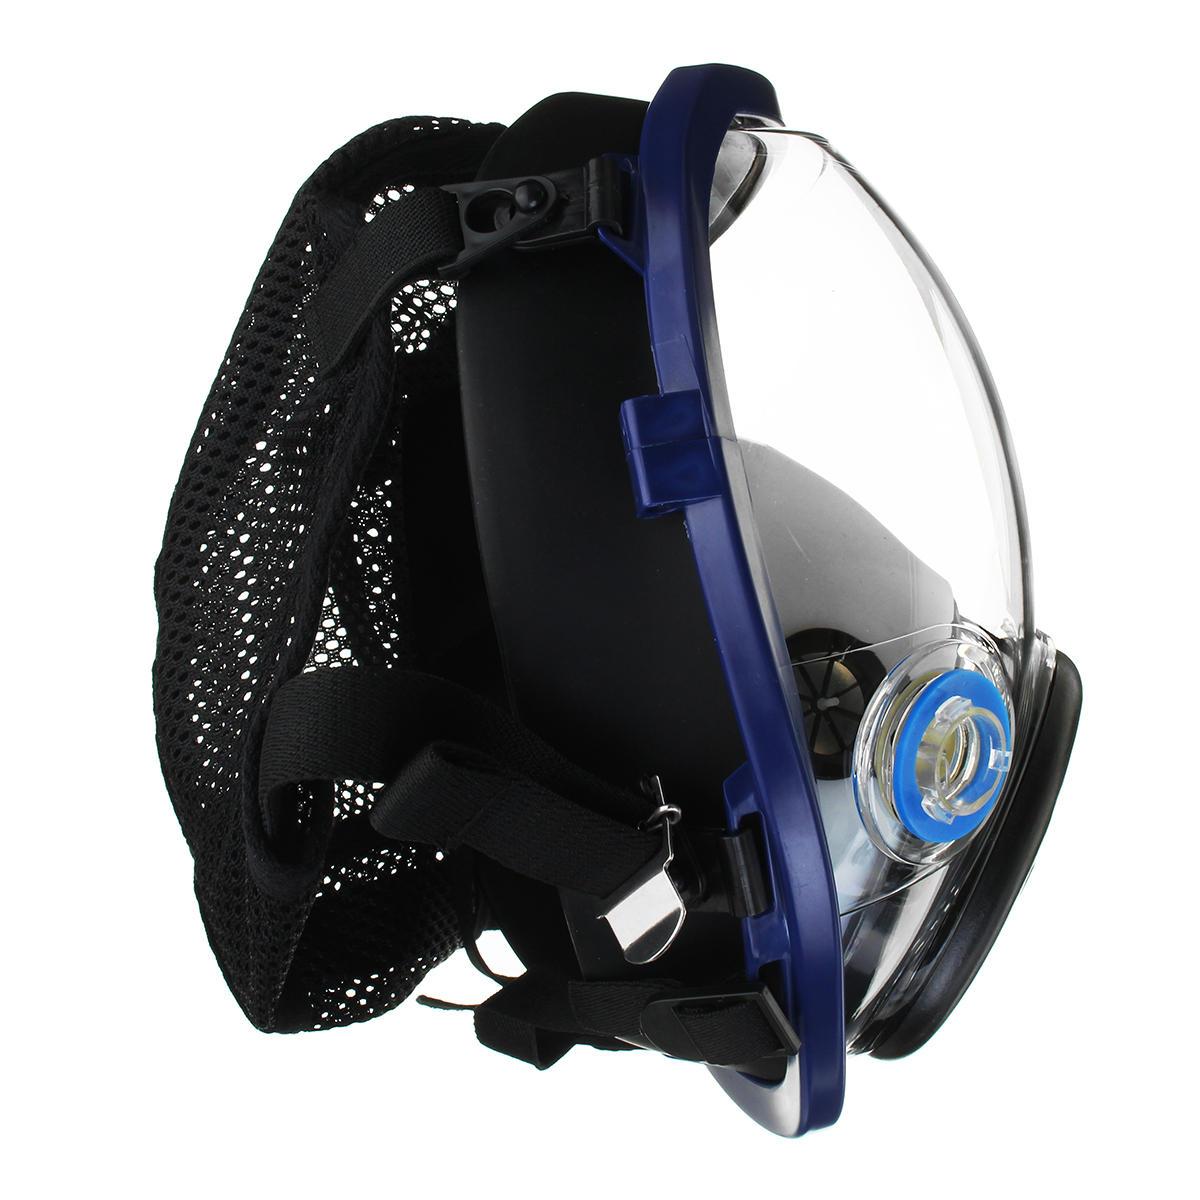 Анти туман электрическая маска + 2 шт фильтр бумага pm2.5 формальдегид активированный уголь пыль запах вторичного дыма Воздухопроницаемый - 3